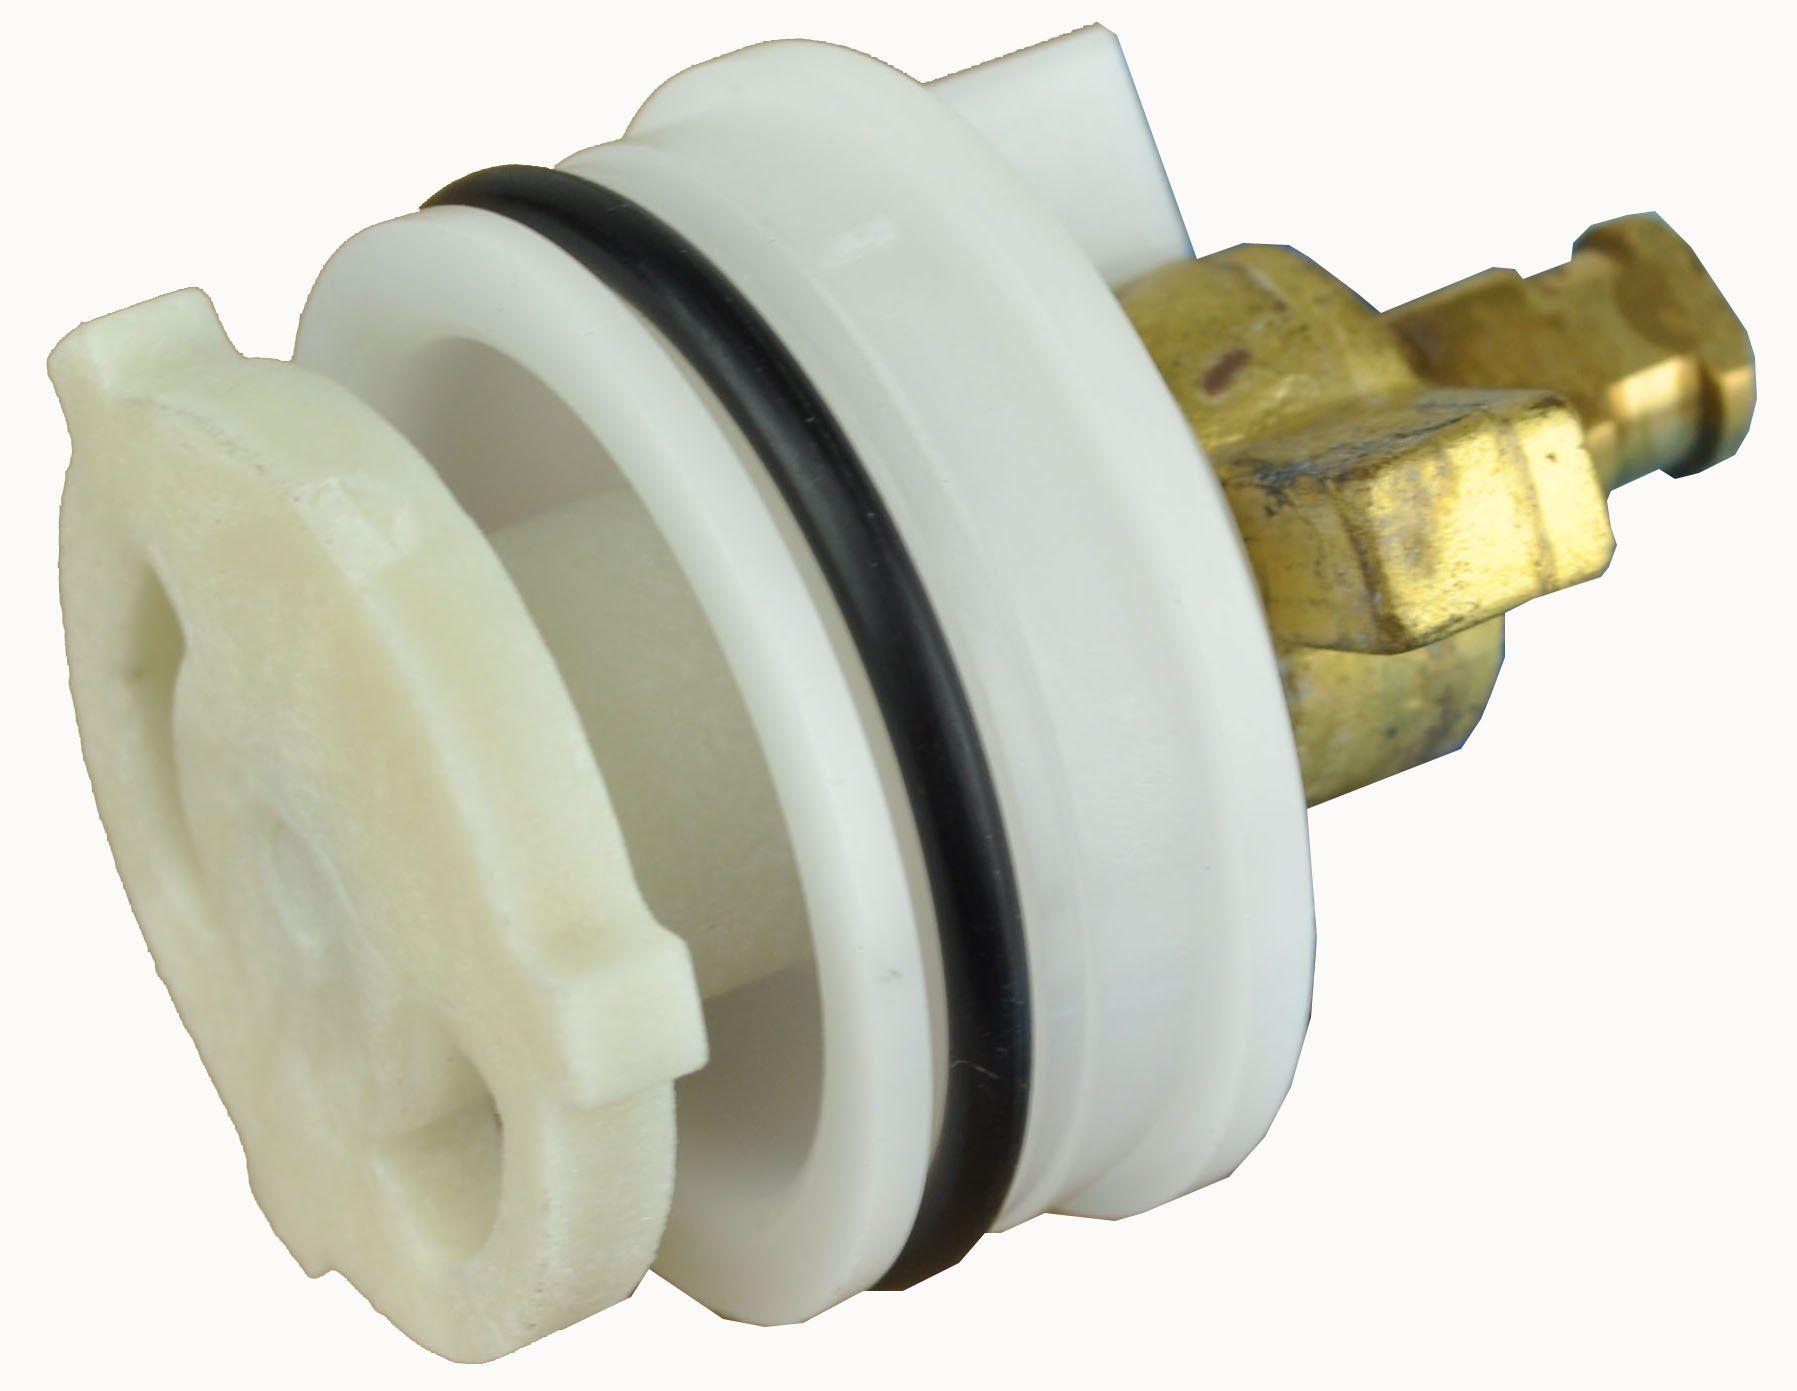 Delta faucet rp1991 stem unit want additional info